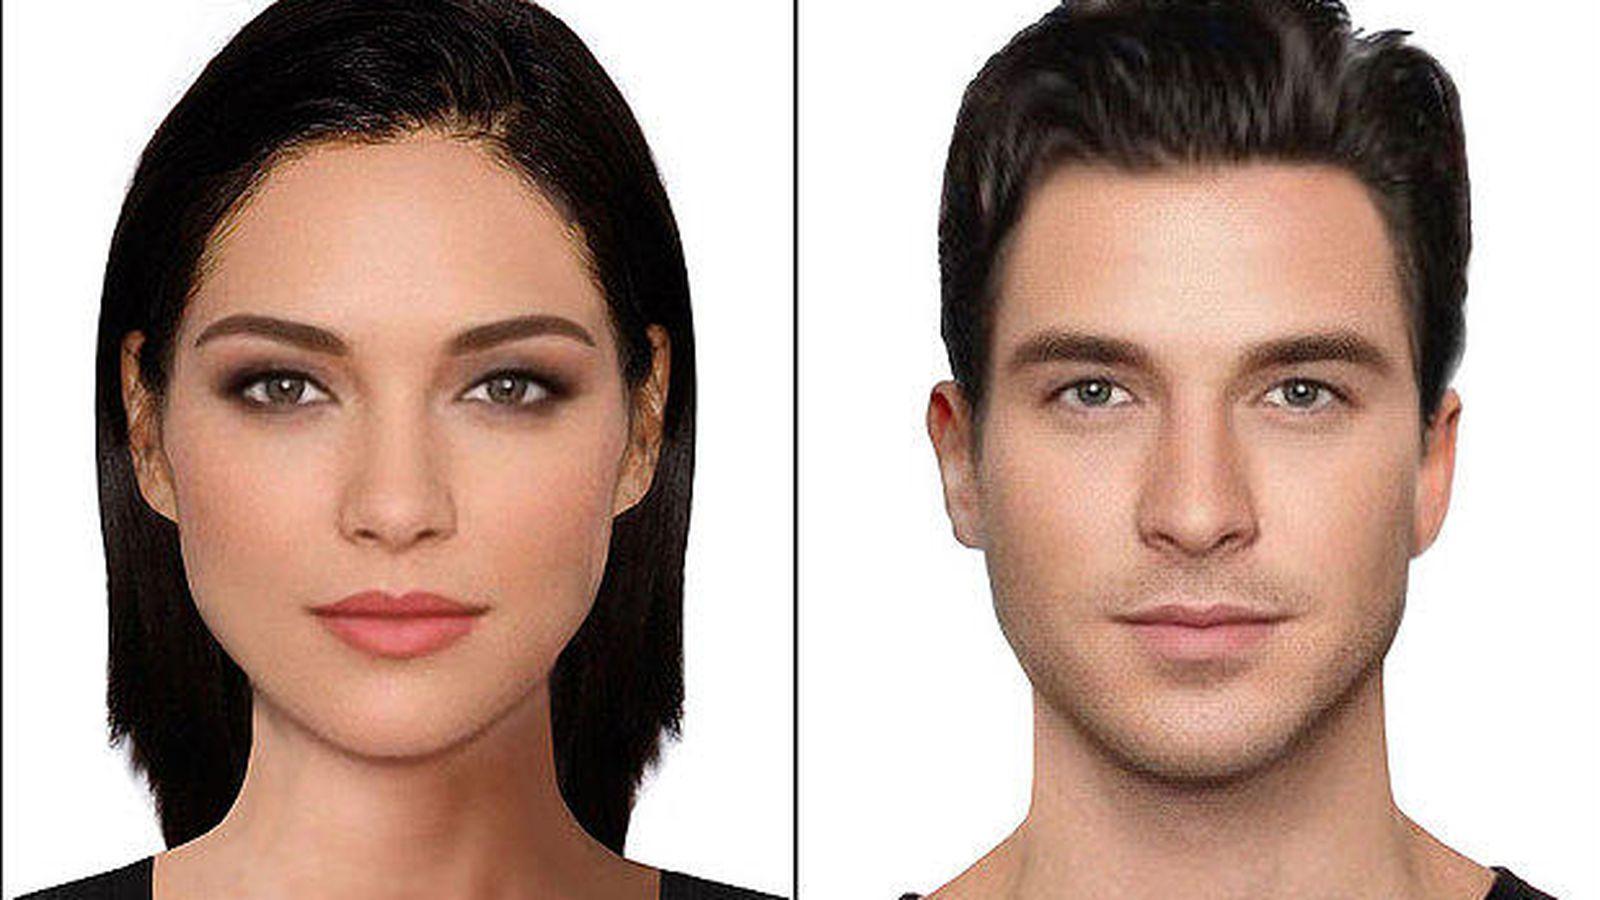 Foto: Las caras más bellas del mundo, según Reino Unido